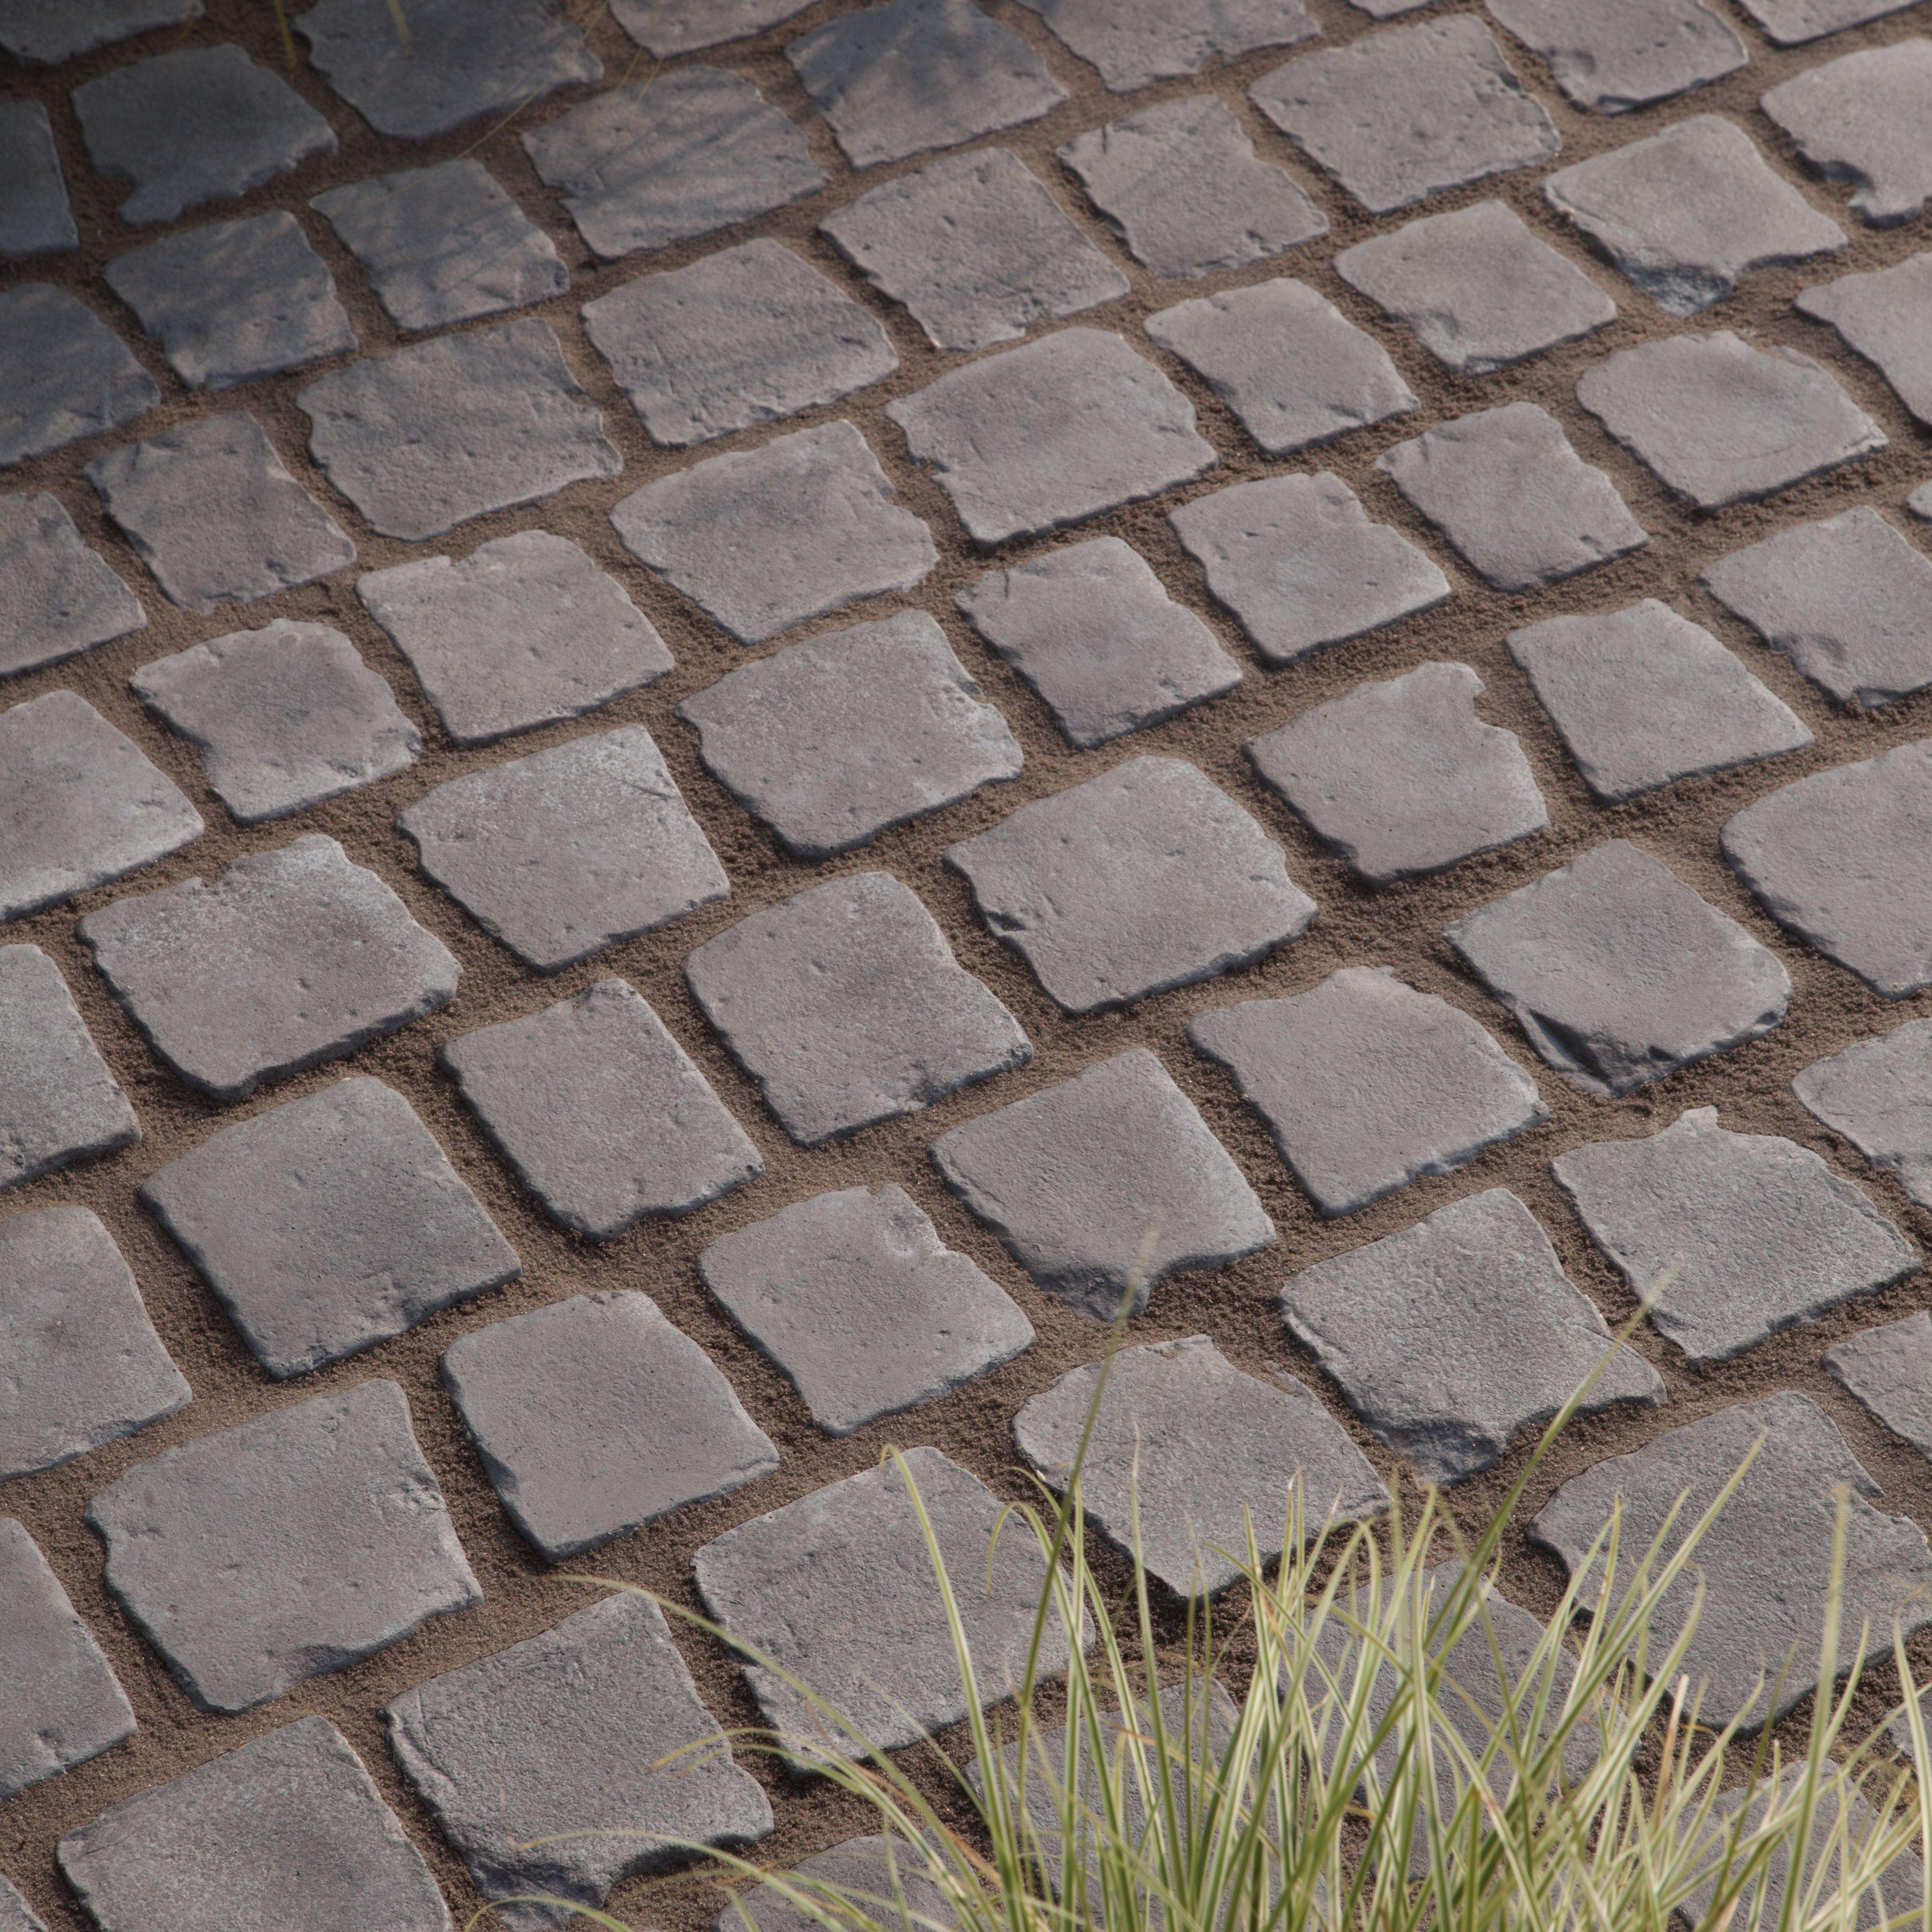 Charcoal Carpet Stones Cobble Mat Full Circle In Square L